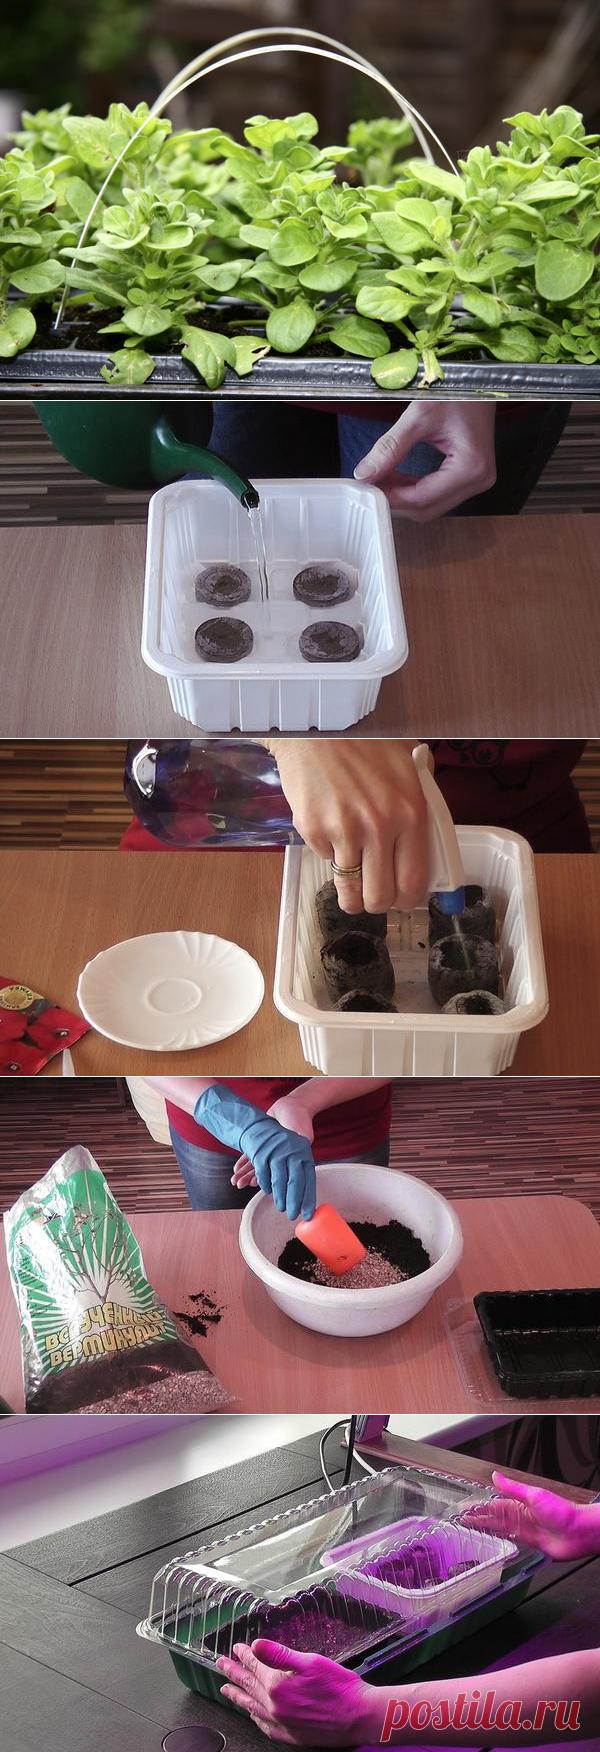 как посеять чернобривцы на рассаду